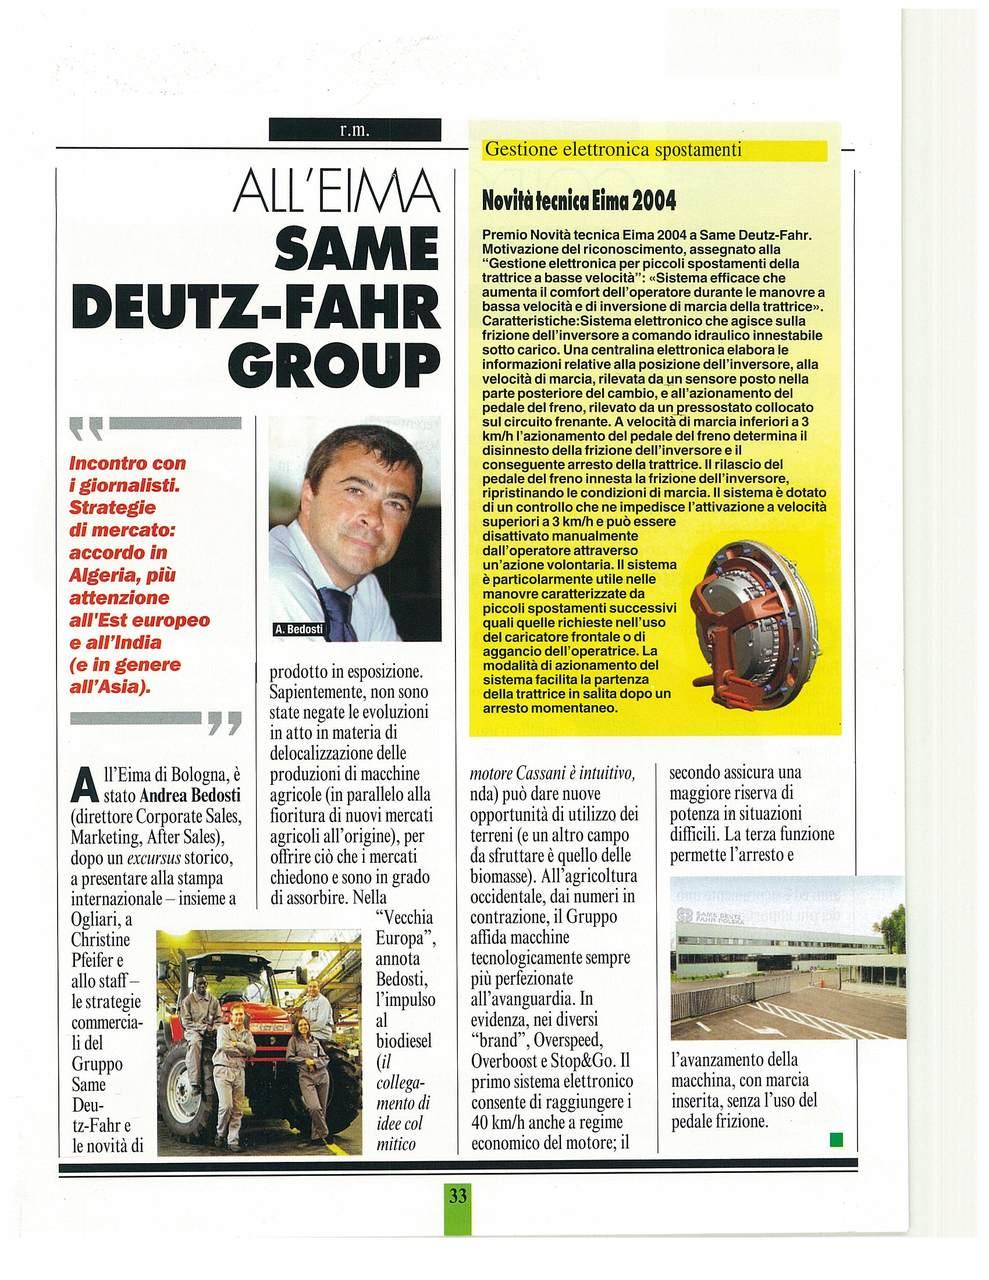 SAME Deutz-Fahr group